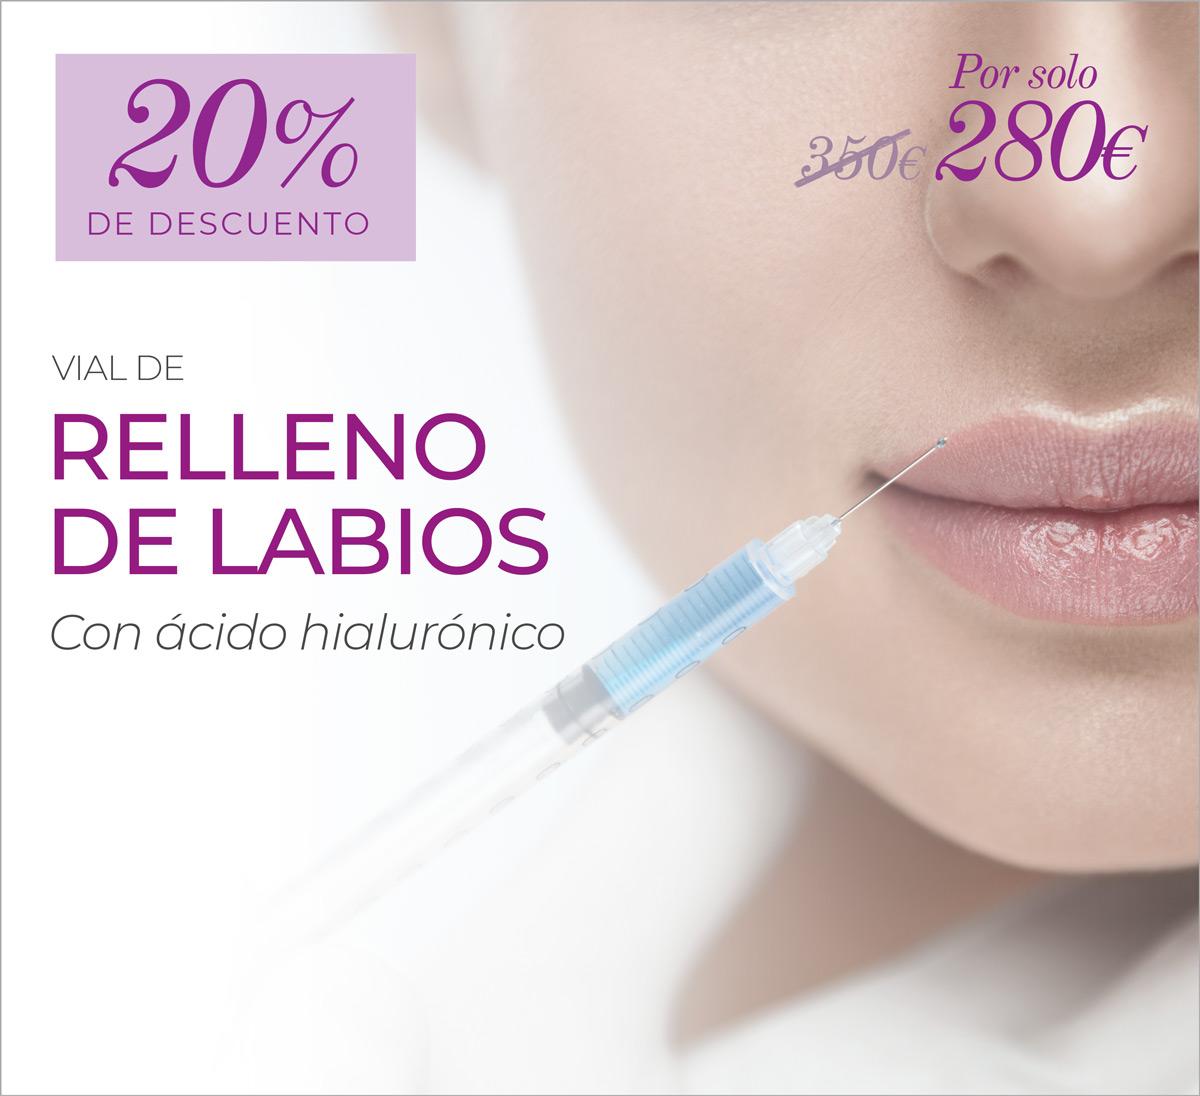 Vial De Relleno De Labios Con Belotero Lips